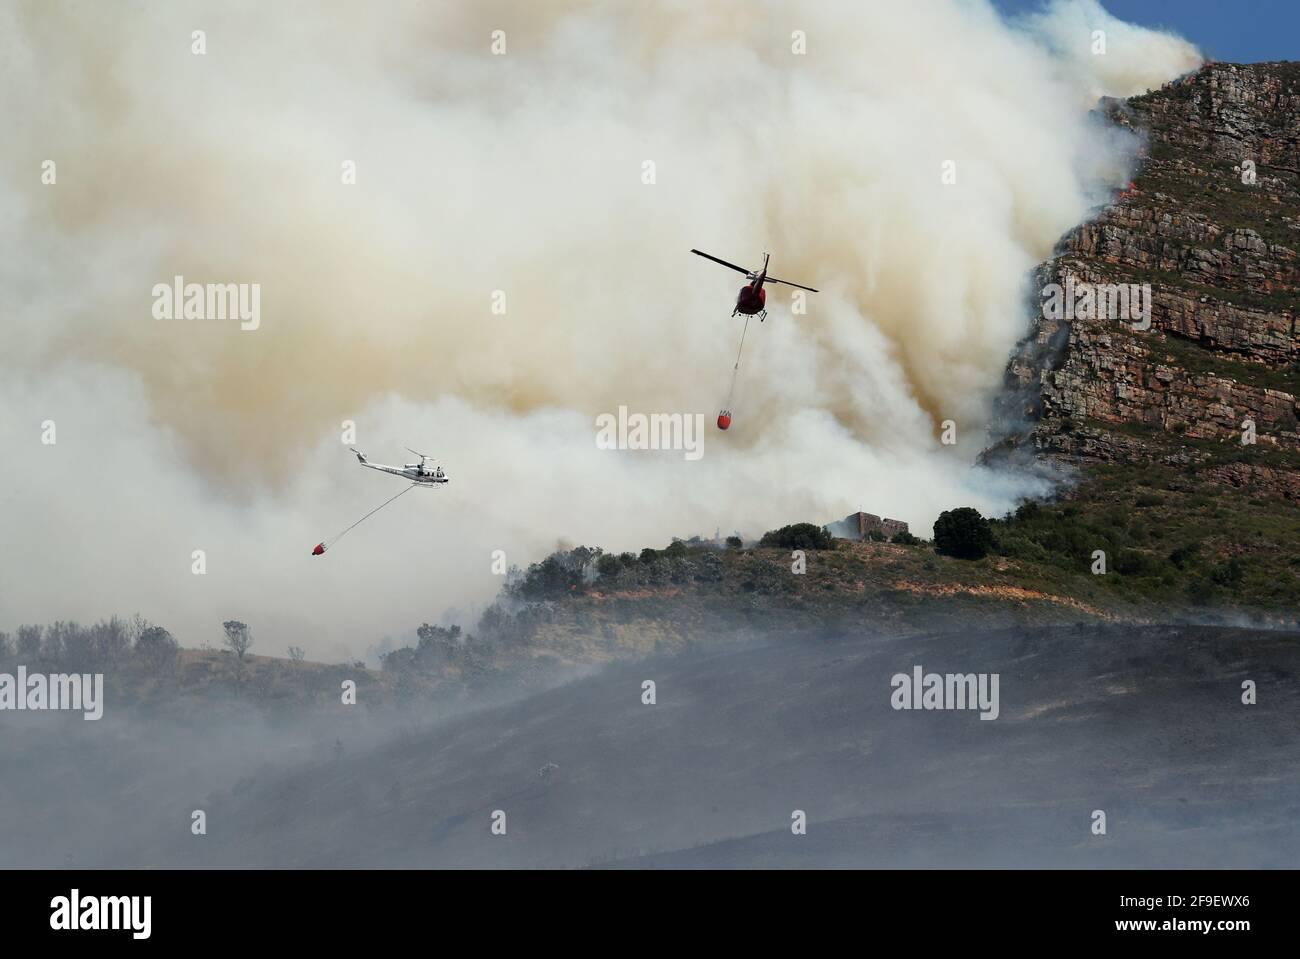 Los helicópteros luchan para contener un incendio que estalló en las laderas de Table Mountain en Ciudad del Cabo, Sudáfrica, 18 de abril de 2021. REUTERS/Mike Hutchings Foto de stock